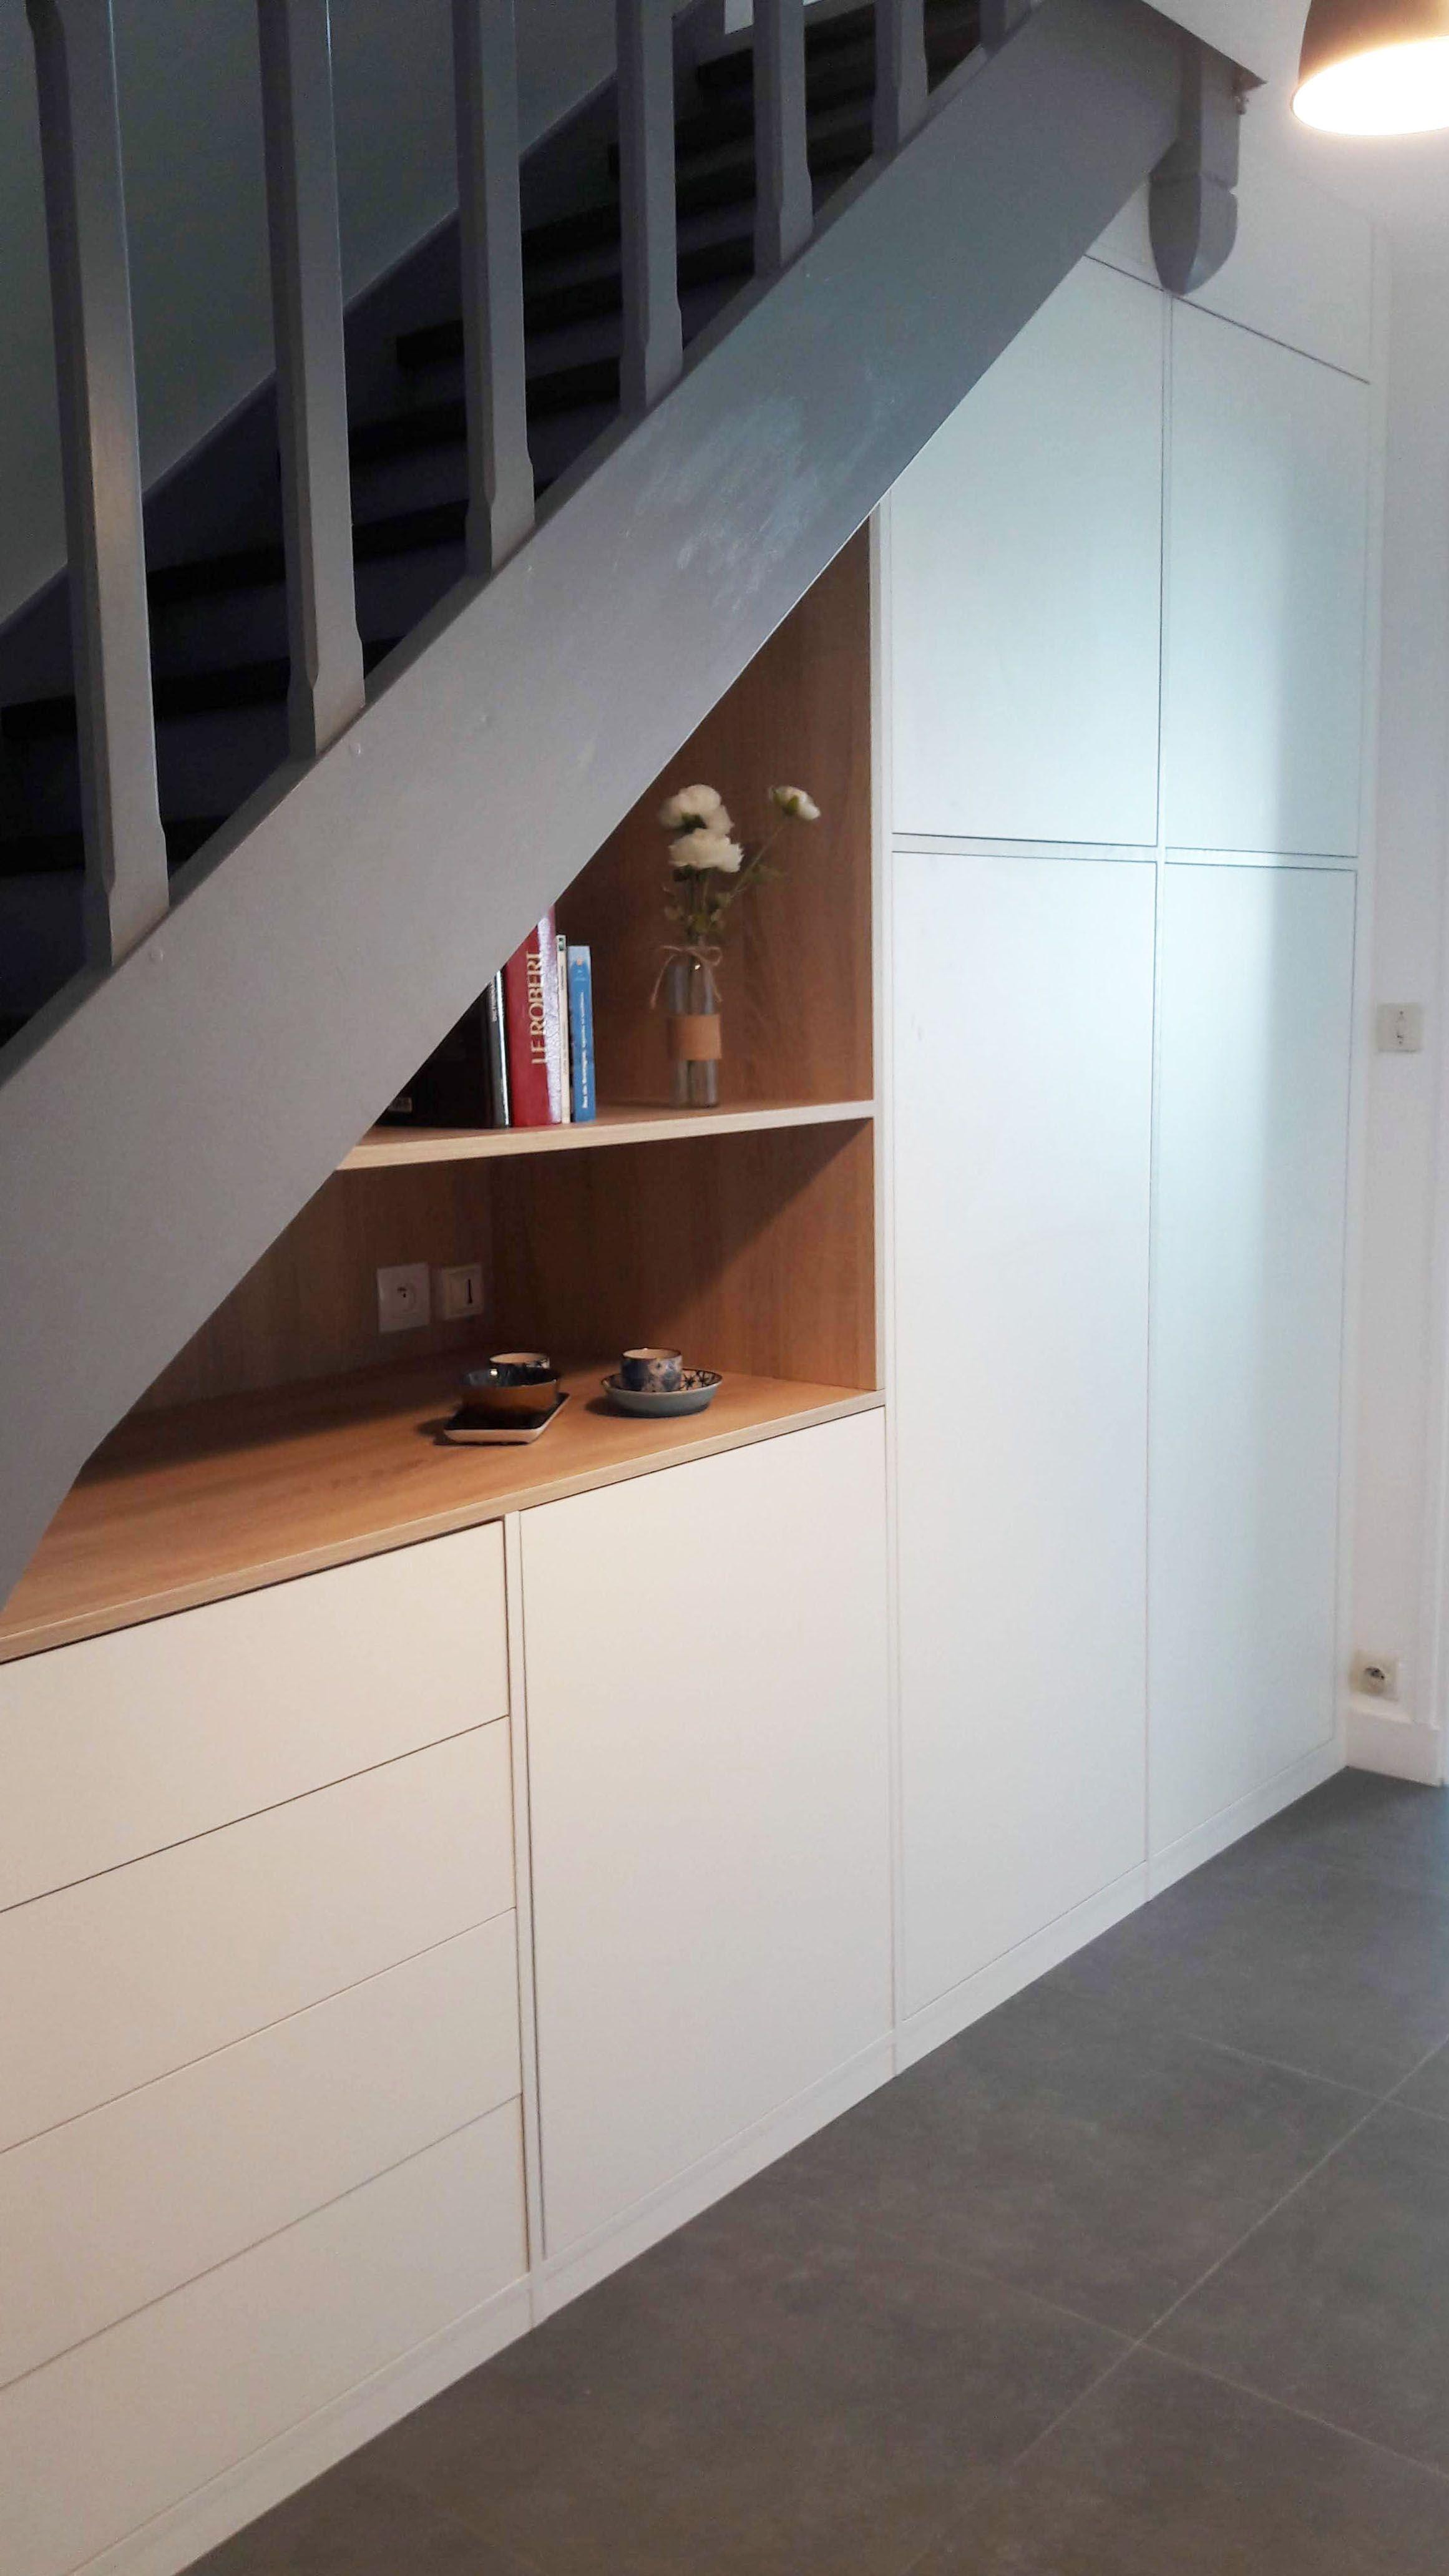 meuble sous l'escalier (photo 22) fait sur mesure par un